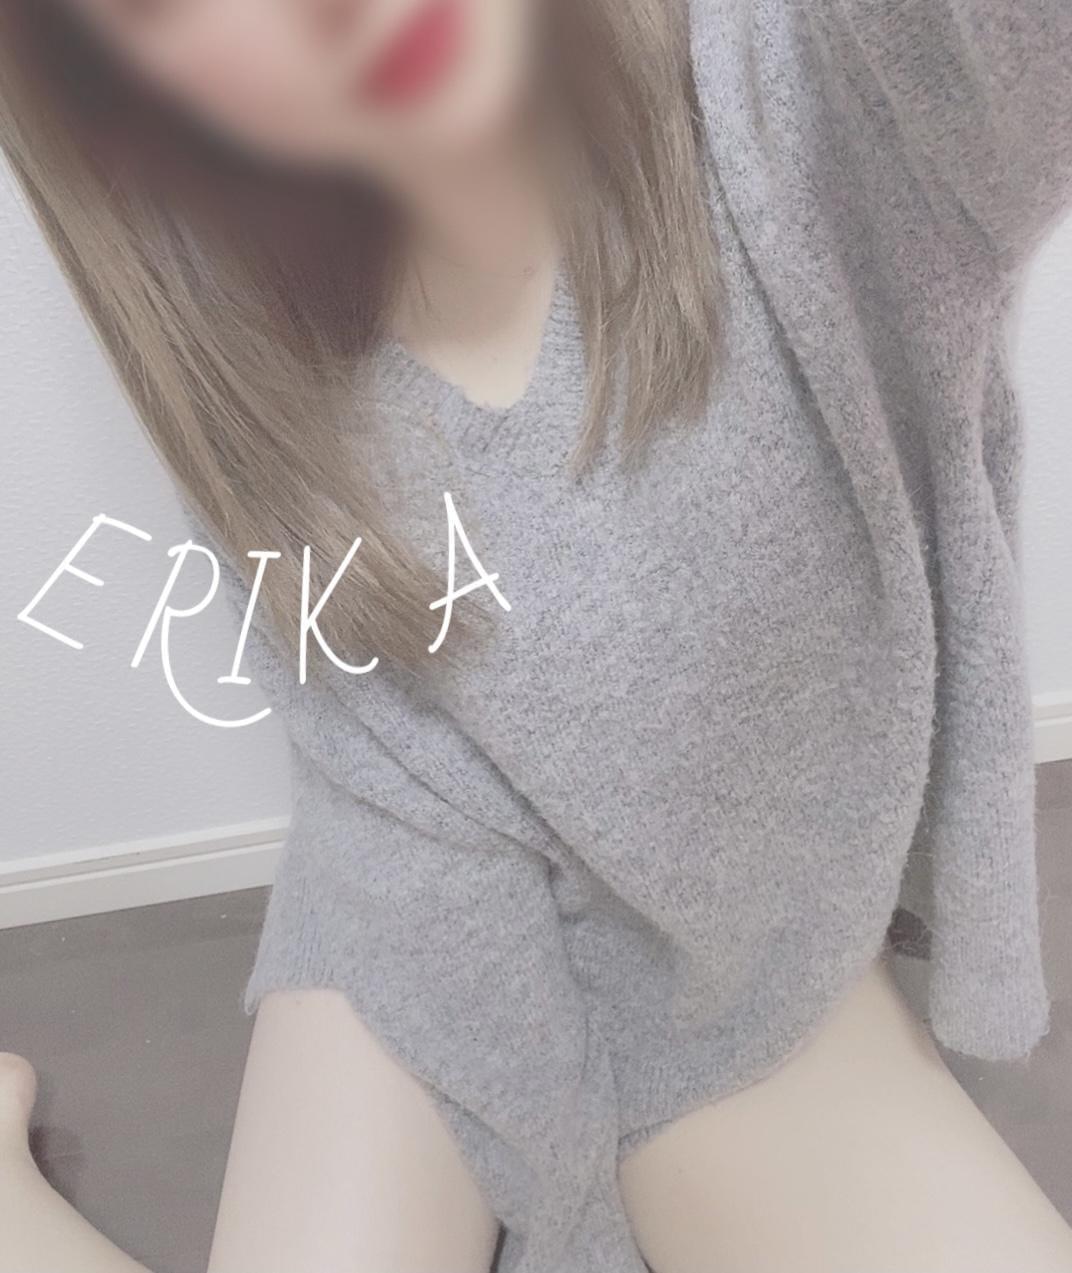 「急遽////♡」02/08(月) 19:10   えりかの写メ・風俗動画